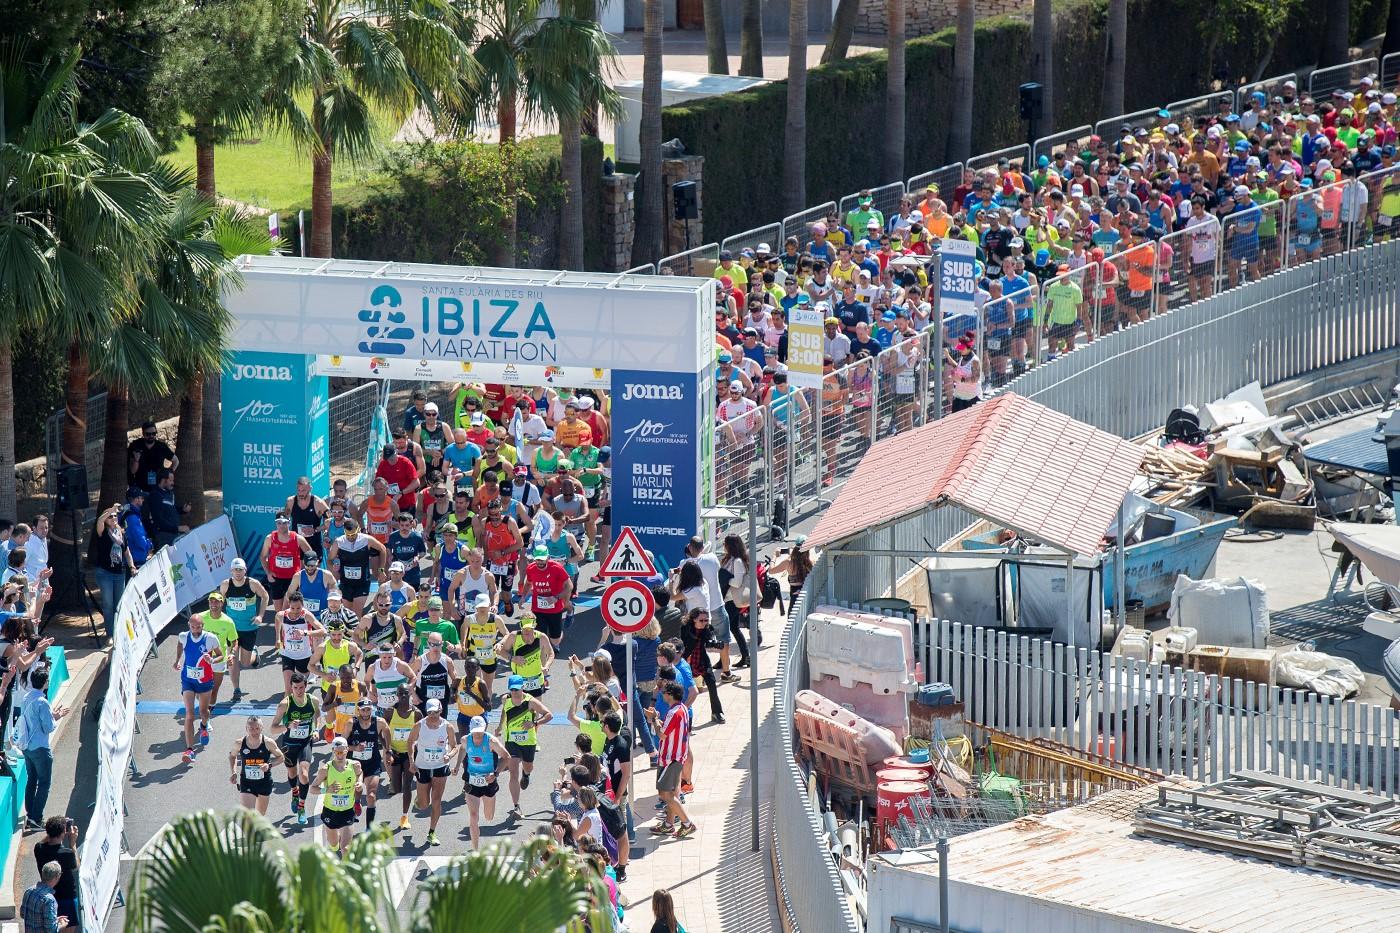 EL maratón de Ibiza